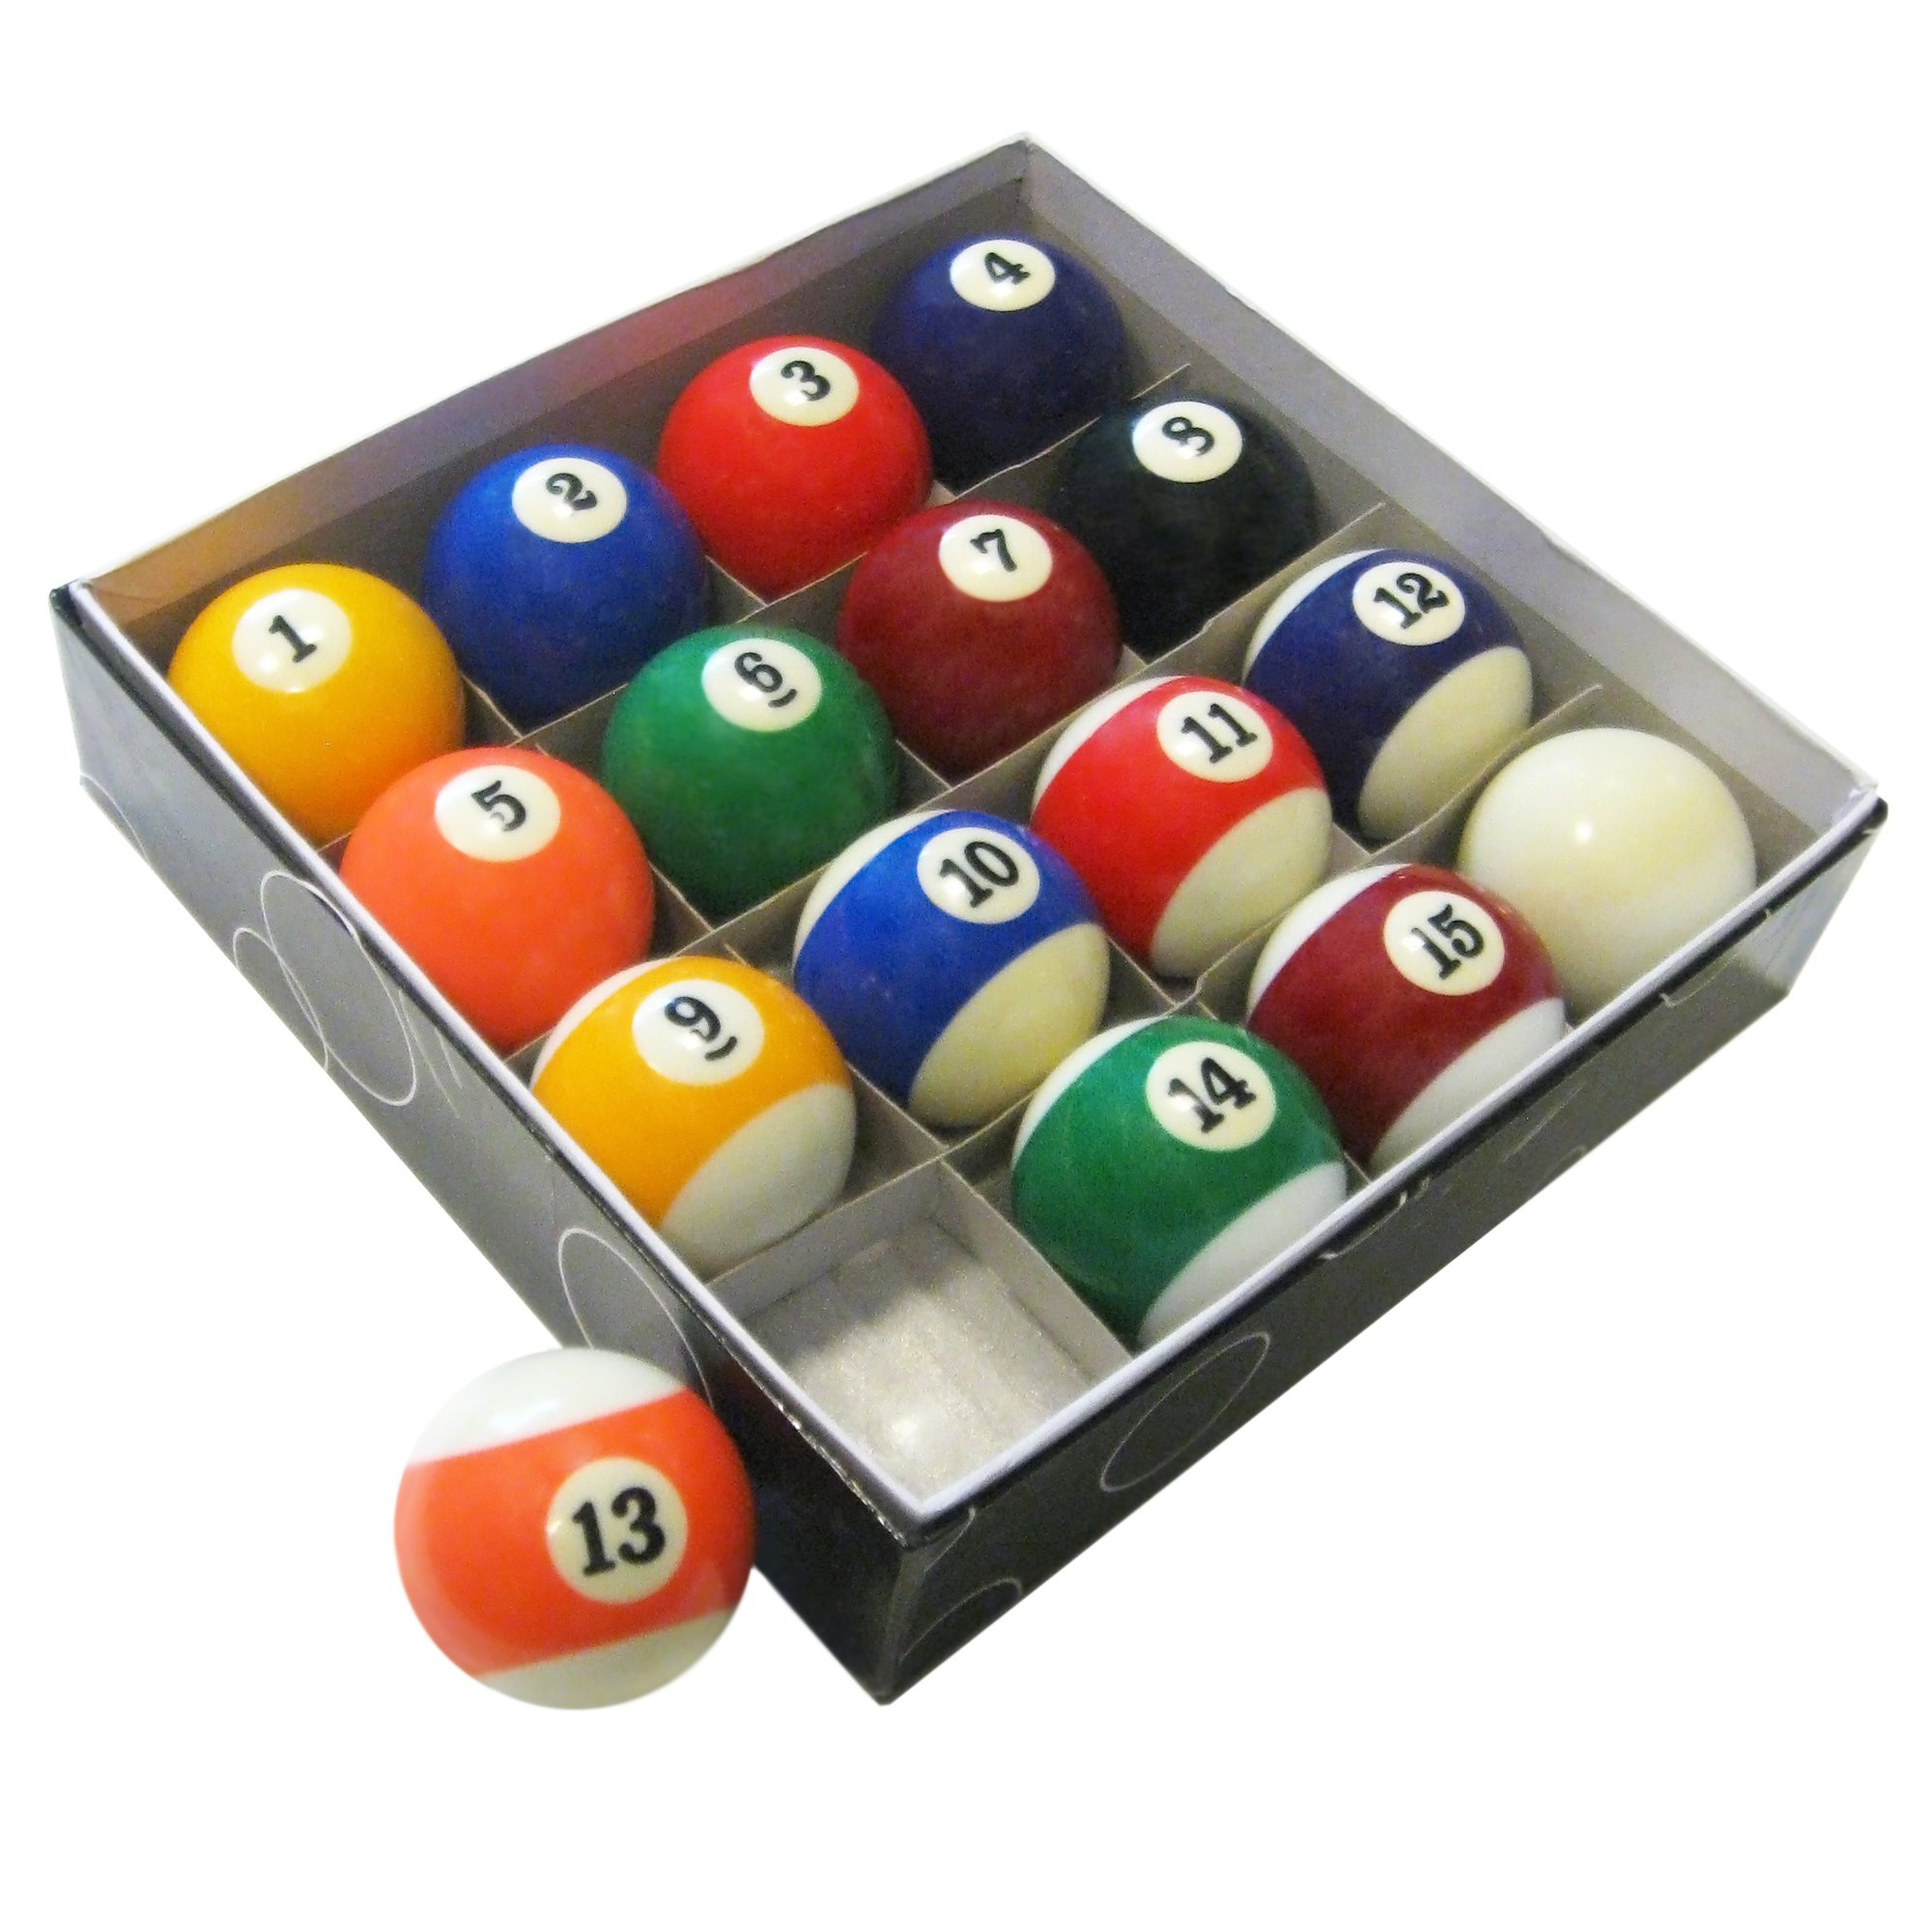 HATHAWAY Pool Table Regulation Billiard Ball Set by HATHAWAY